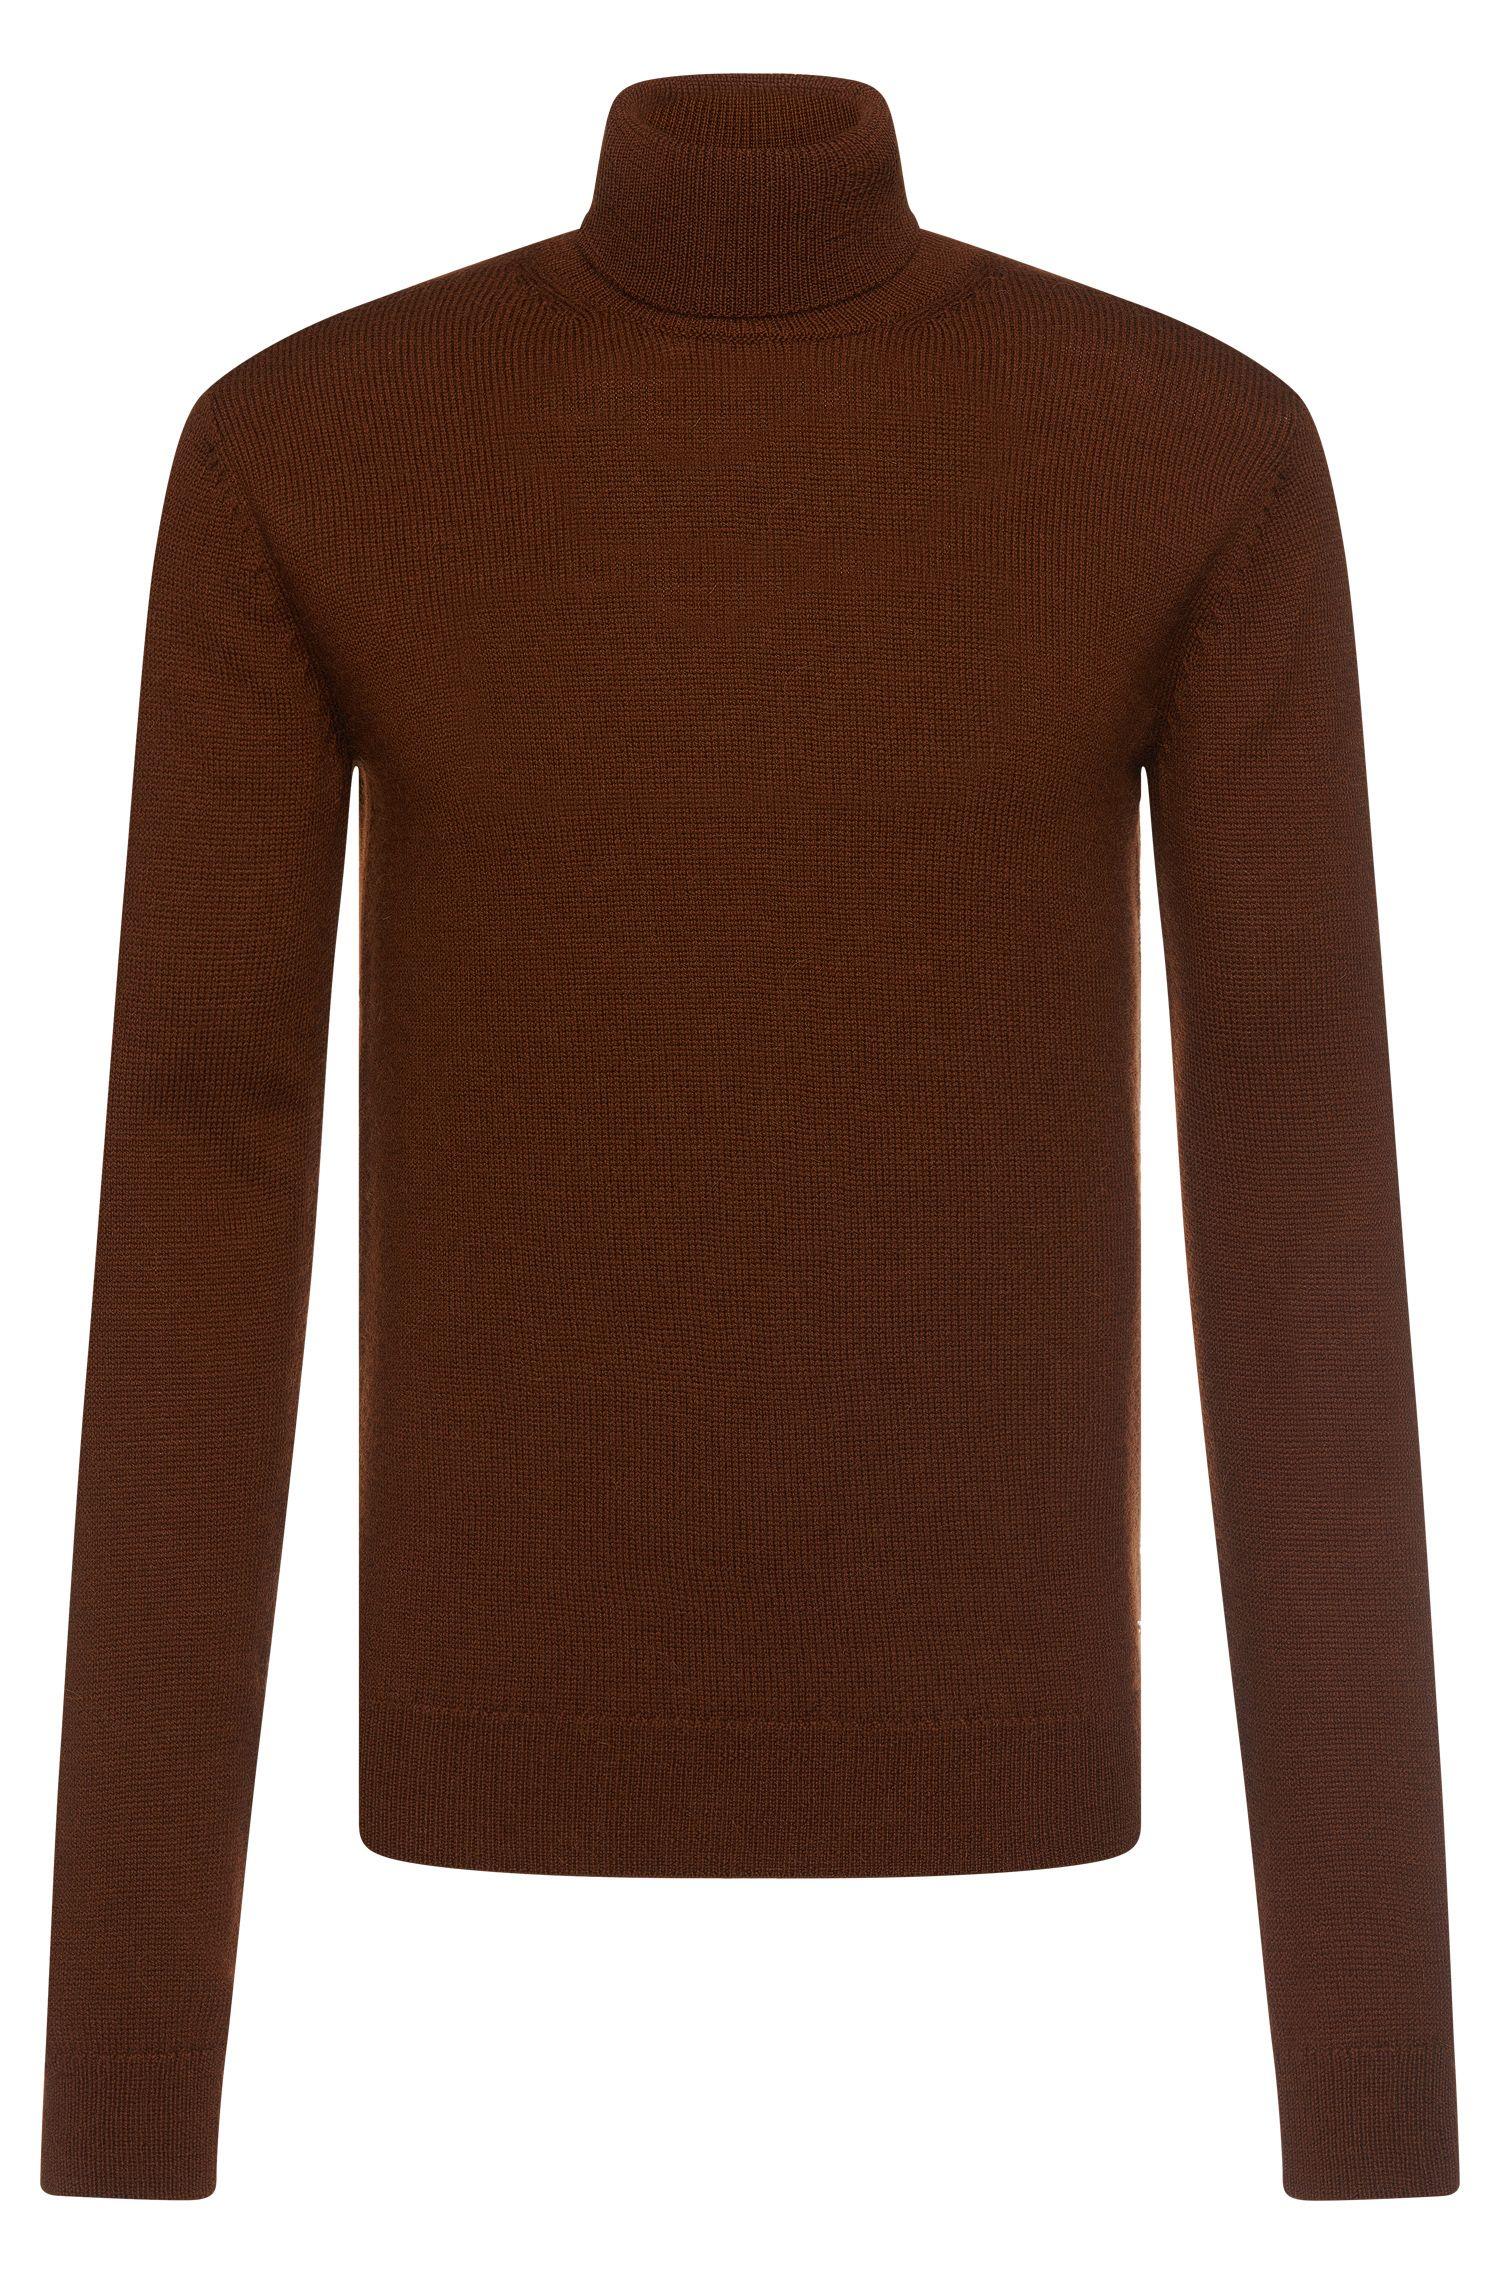 'T-Bax' | Italian Virgin Wool Alpaca Turtleneck Sweater